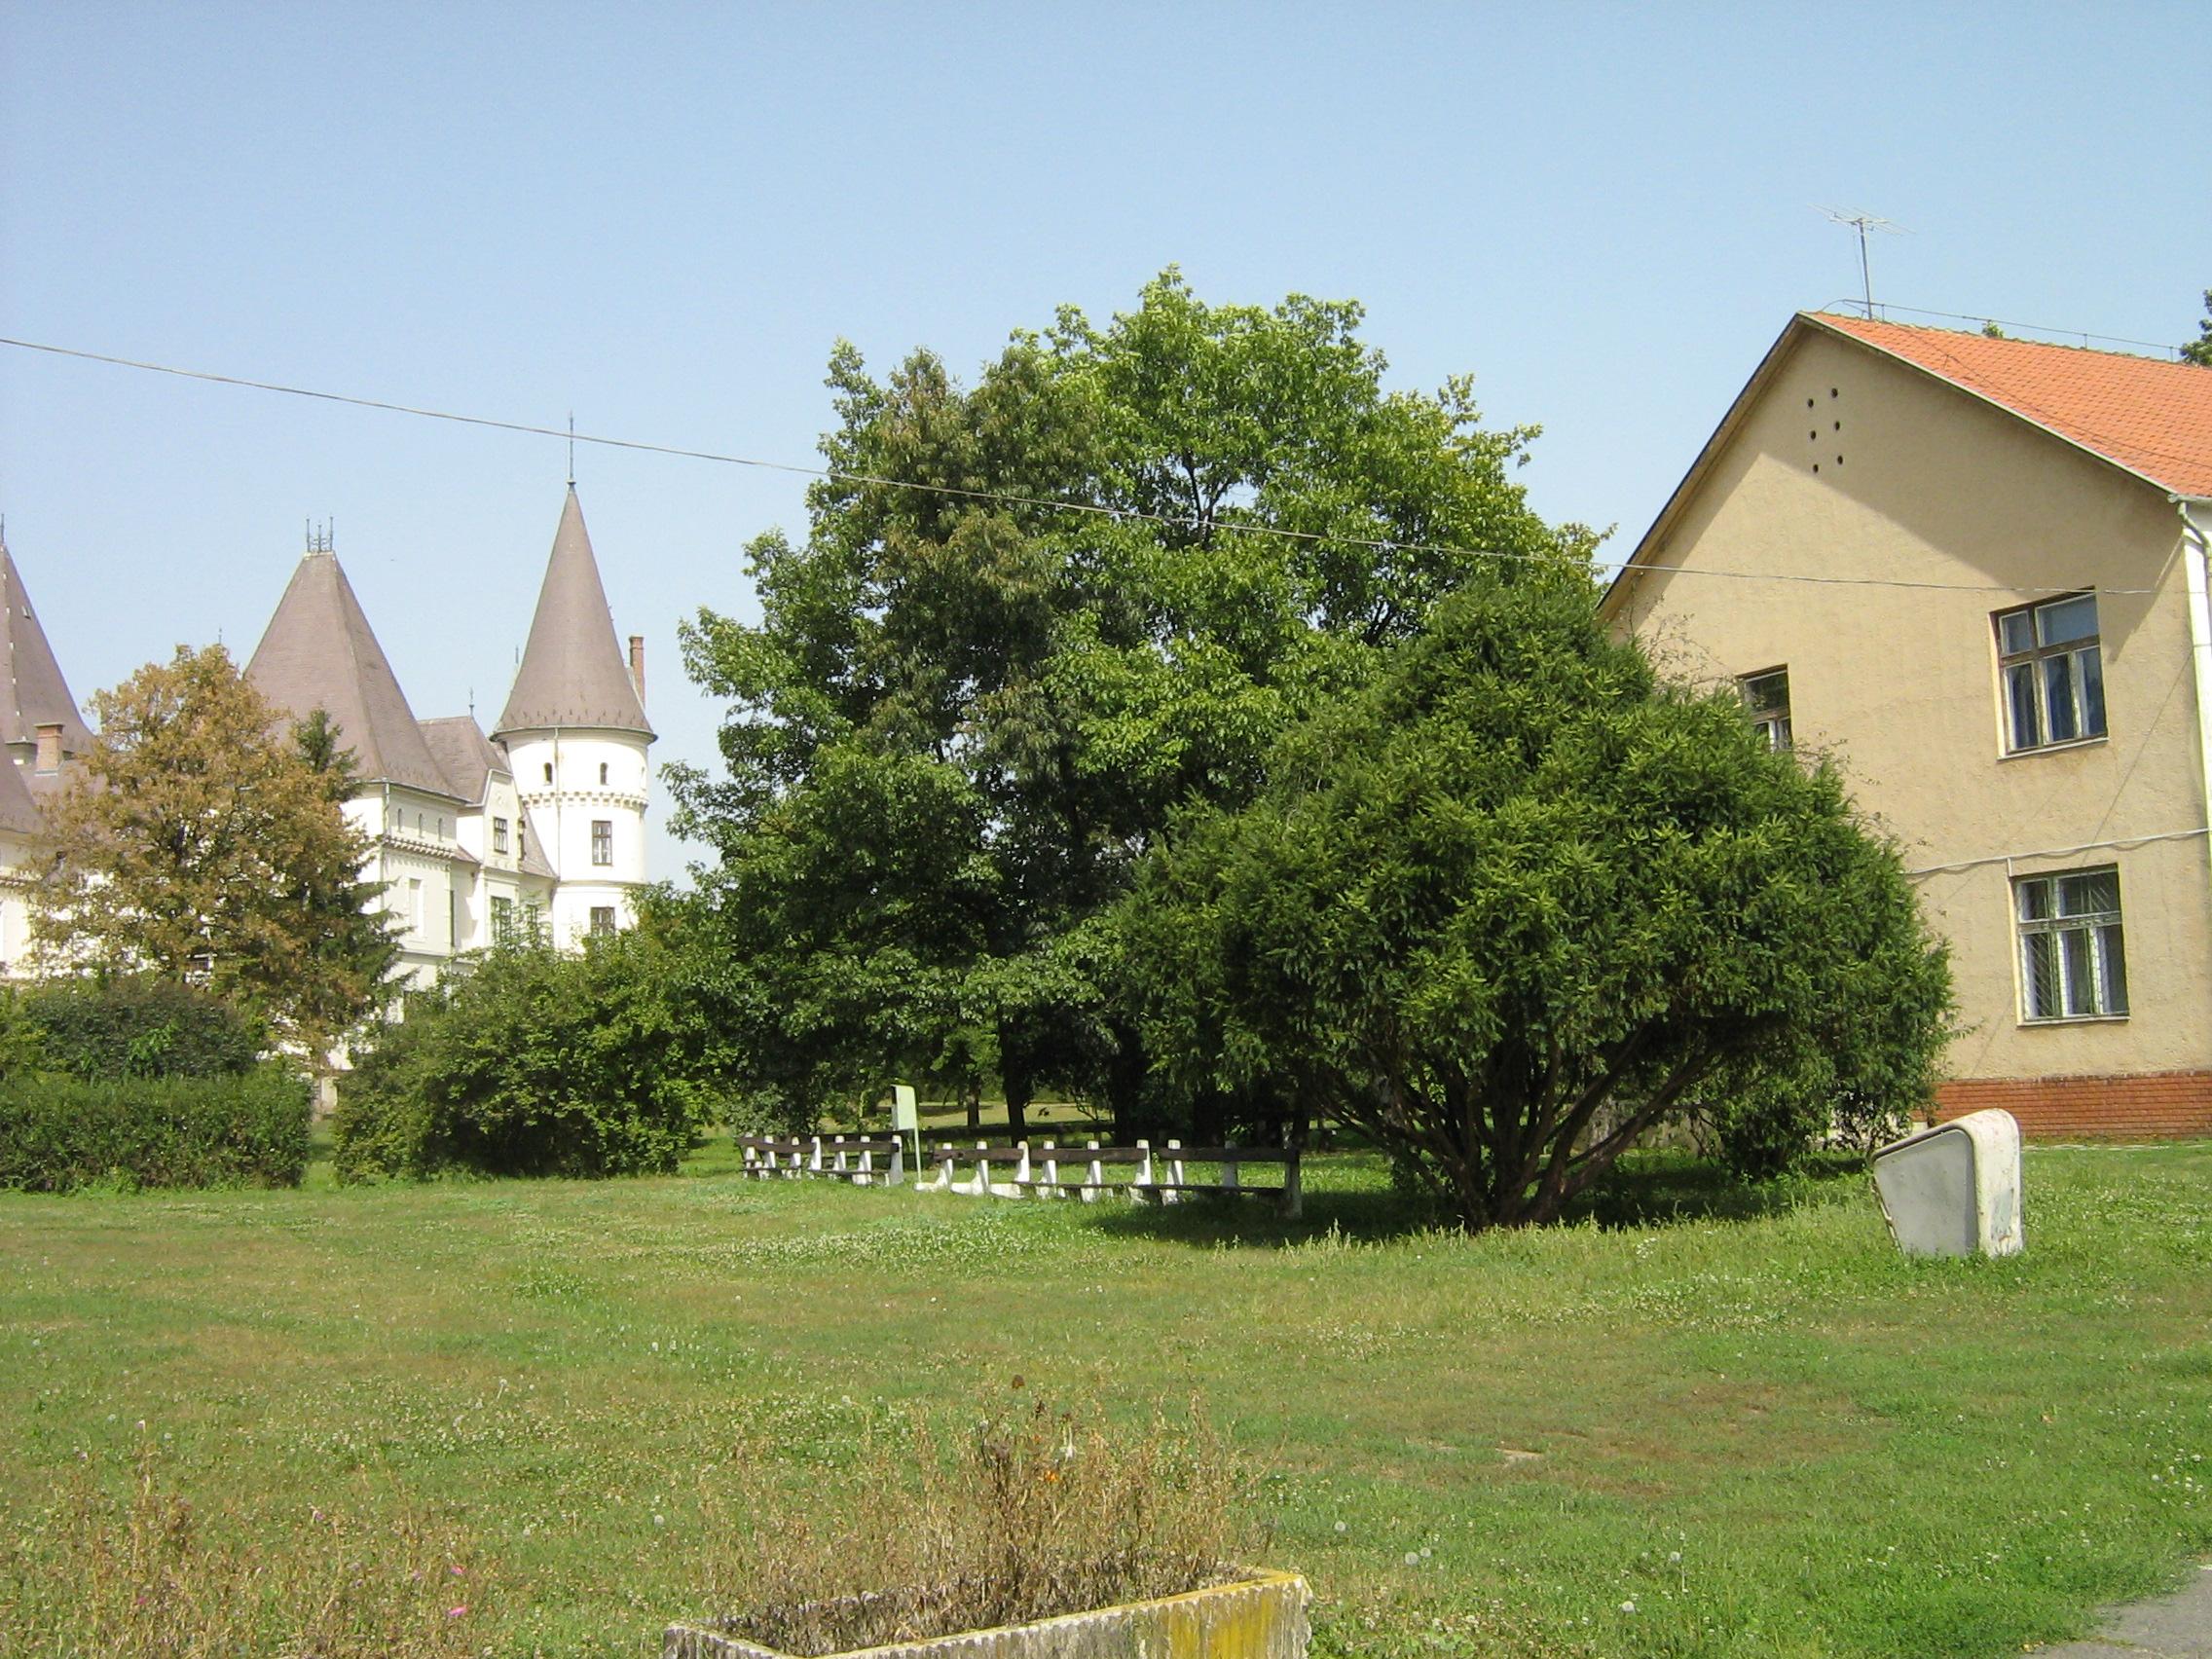 A gyermekotthon egyik épülete a kastéllyal (a szerző fotója)